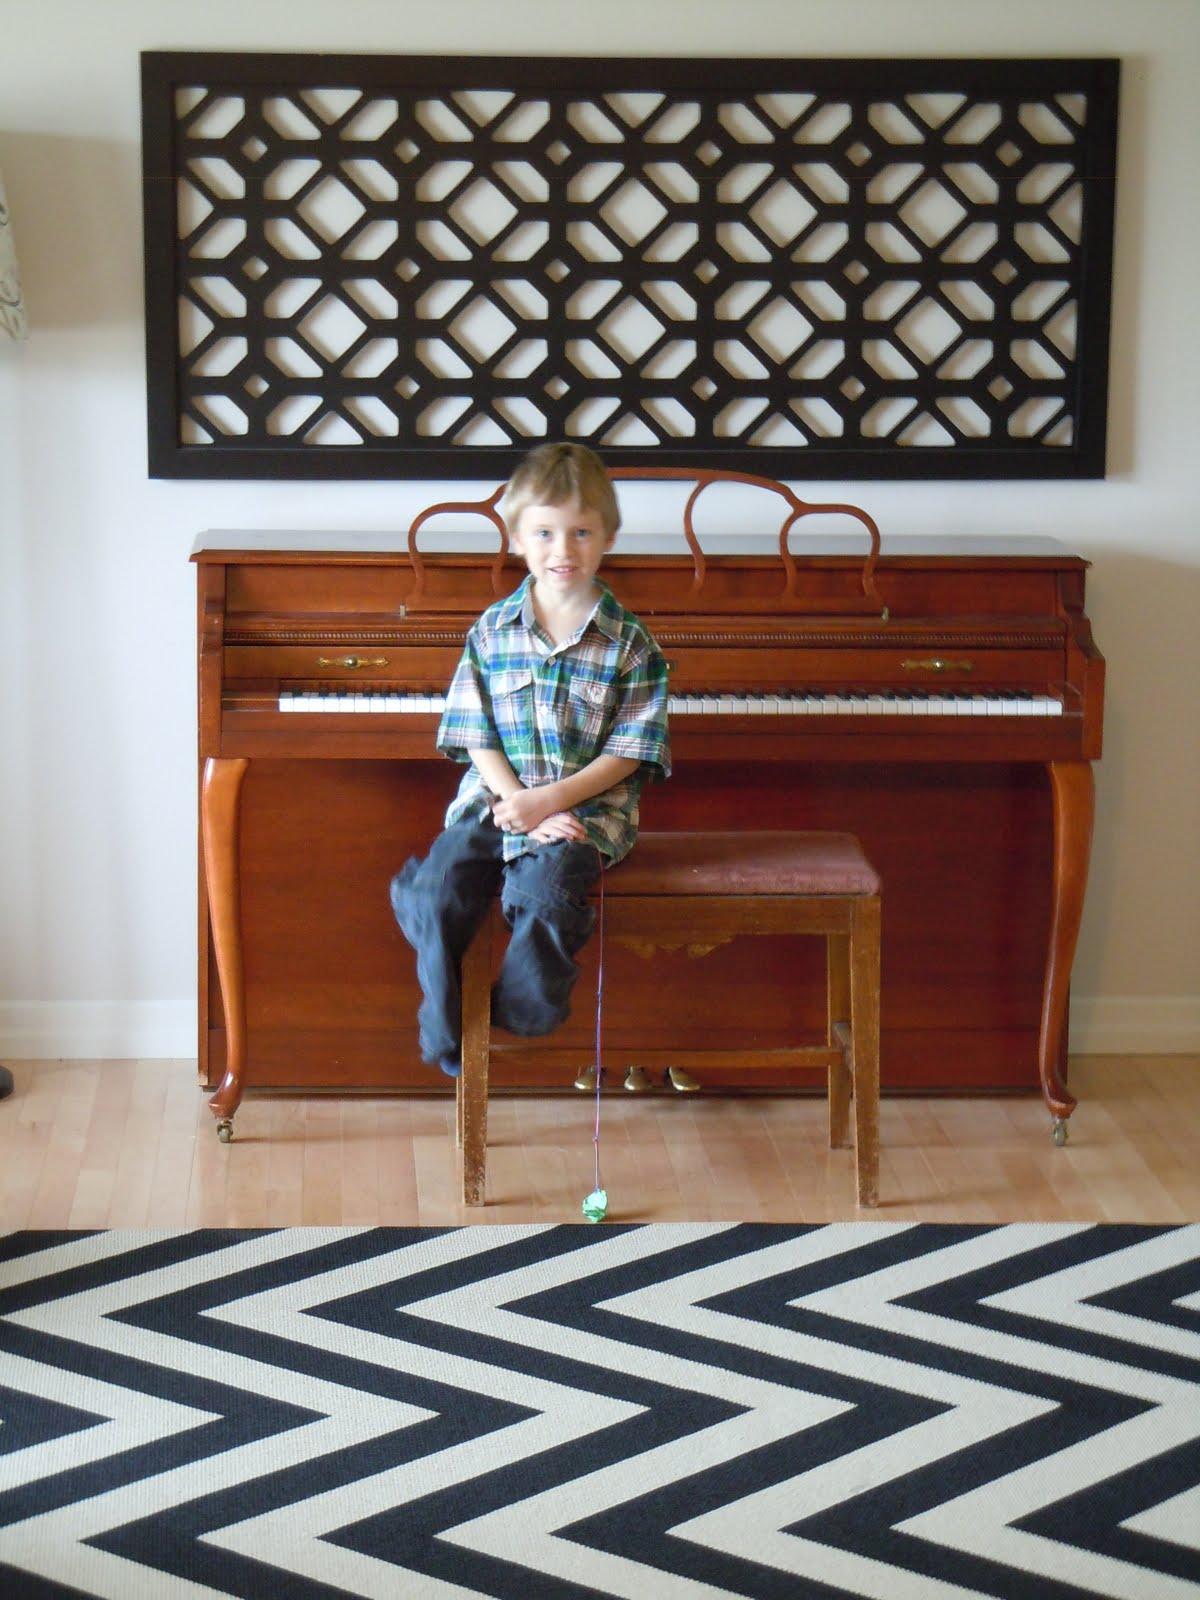 Remodelaholic | 25 DIY Rug Ideas